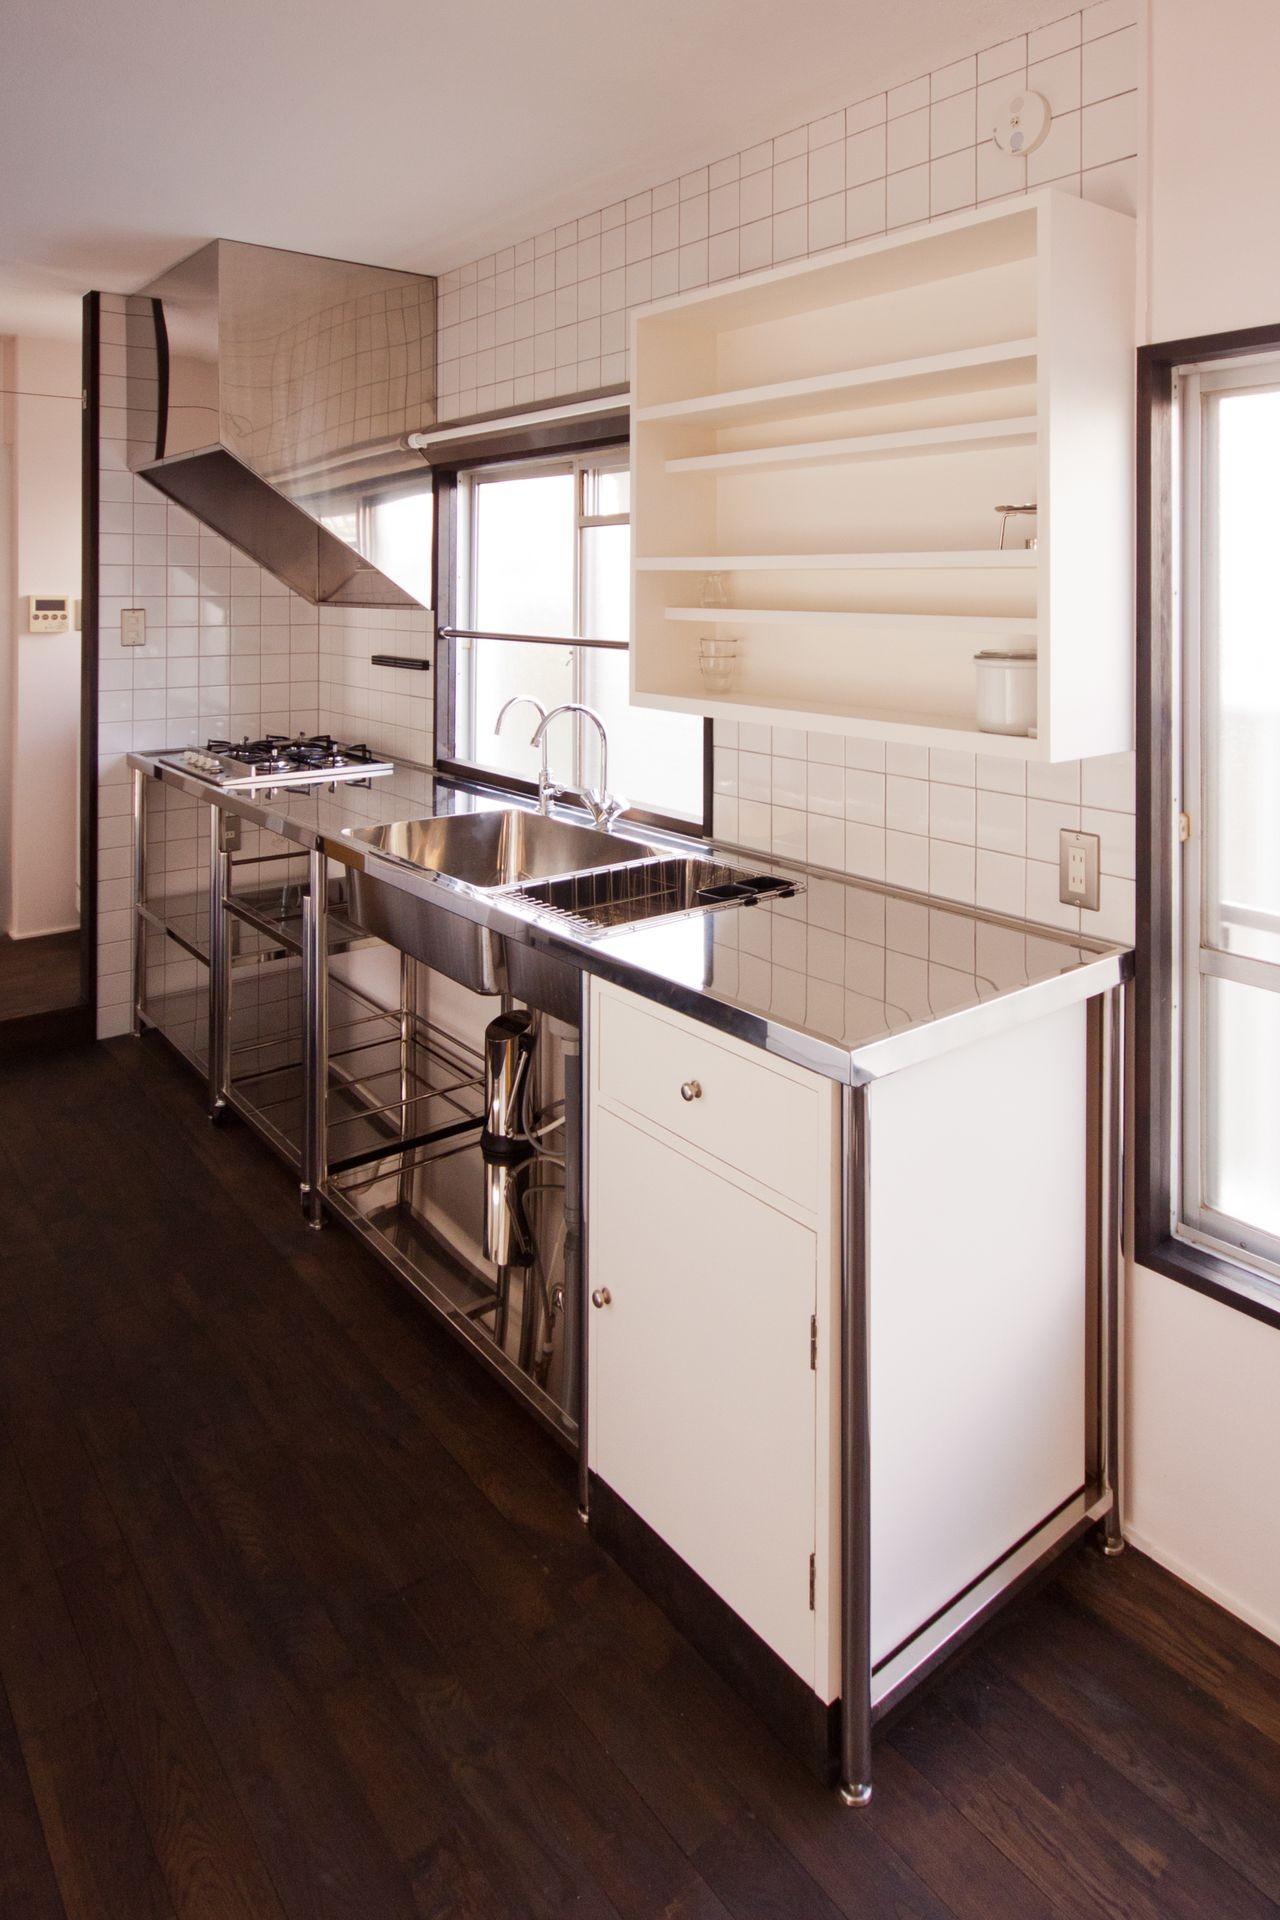 キッチン事例:キッチン(竹の台団地の白い家|京都府長岡京市の団地リノベーション。カリスマ主婦石黒智子さんご自宅の厨房を模したキッチンを中心にシンプルで自由な暮らしを実現。)